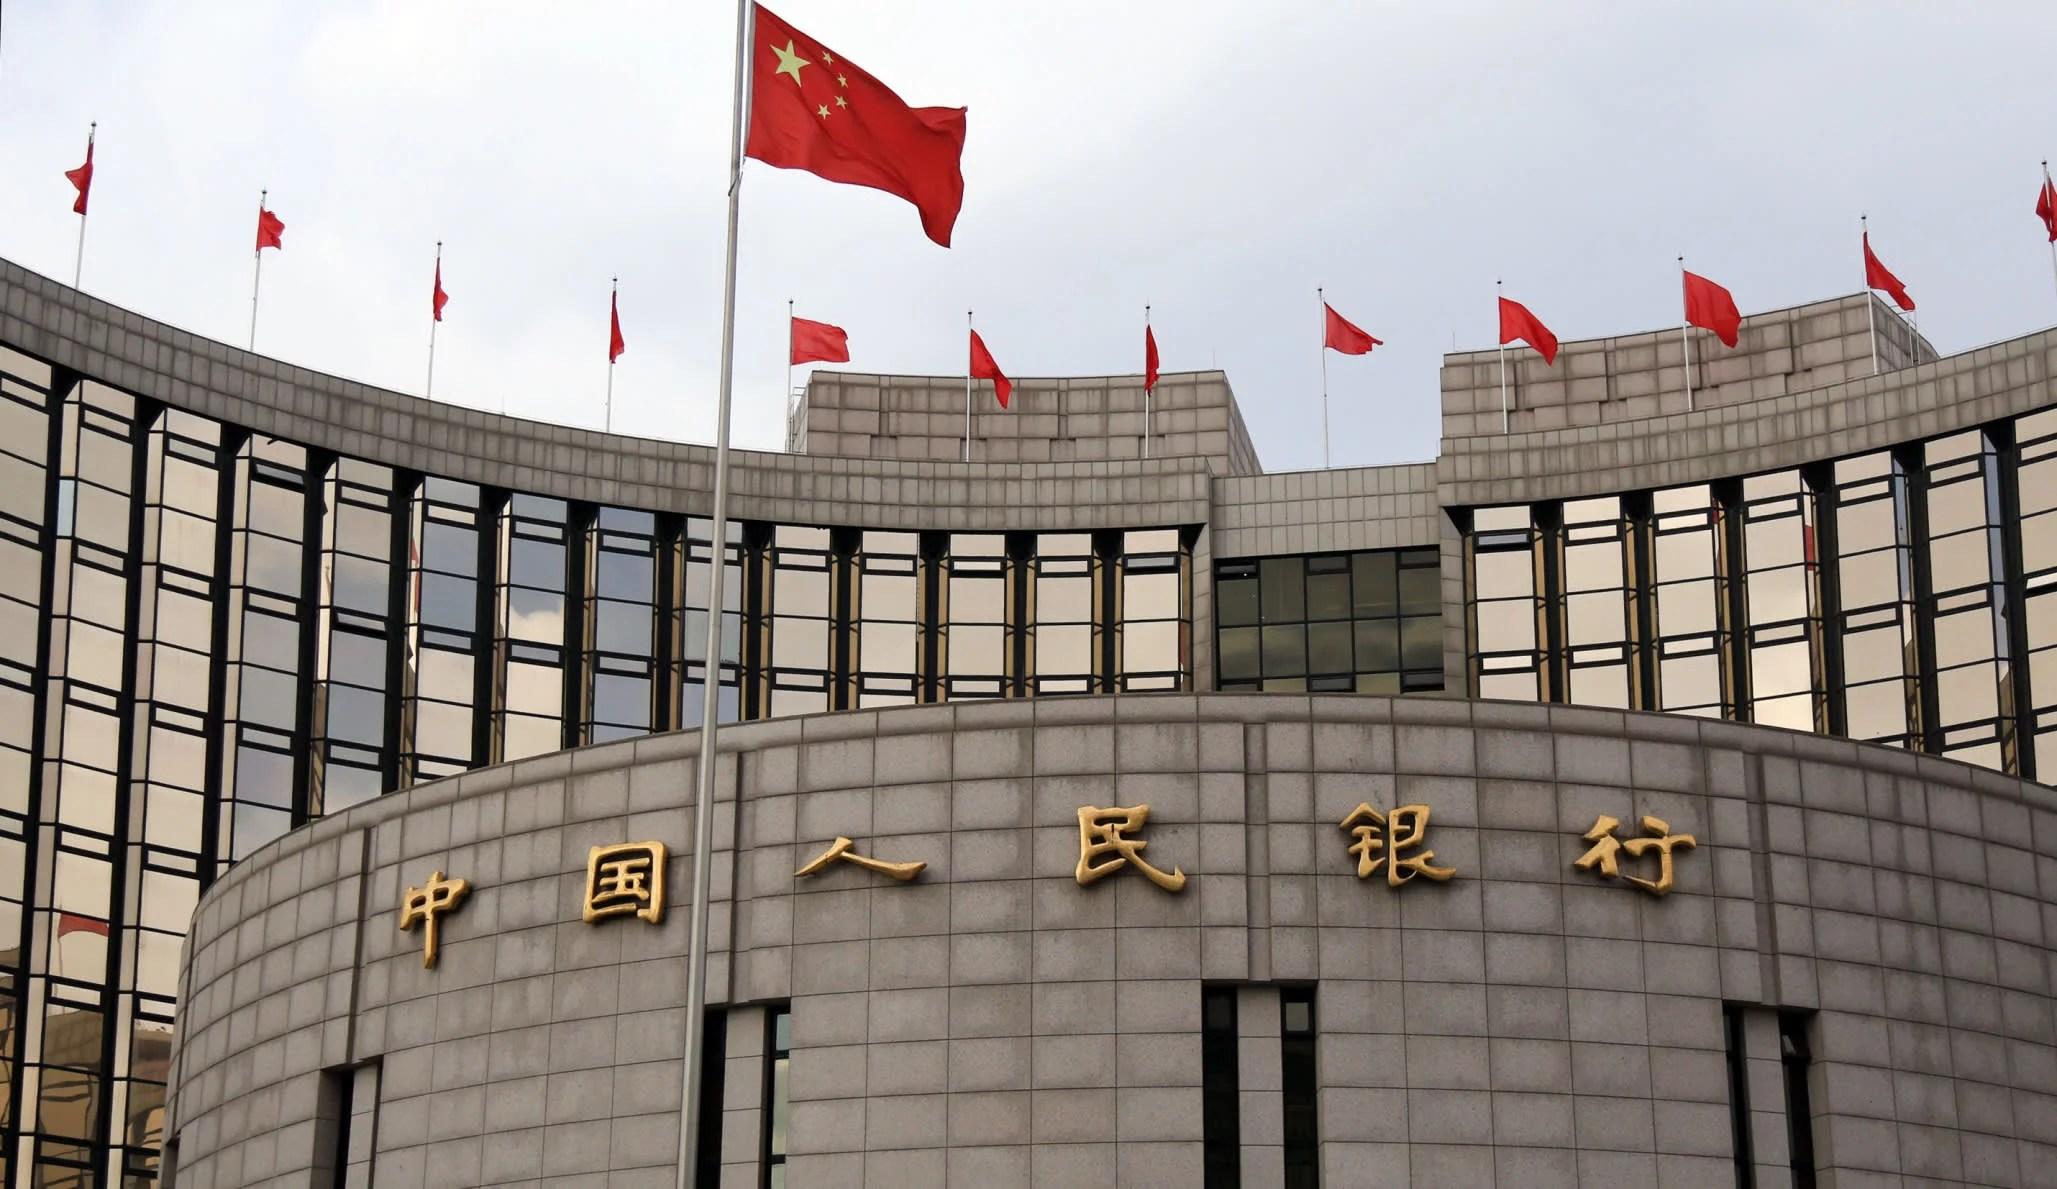 Funcionario del Banco Central de China invita a la adopción blockchain en finanzas digitales y la expectativa en torno a la tecnología crece